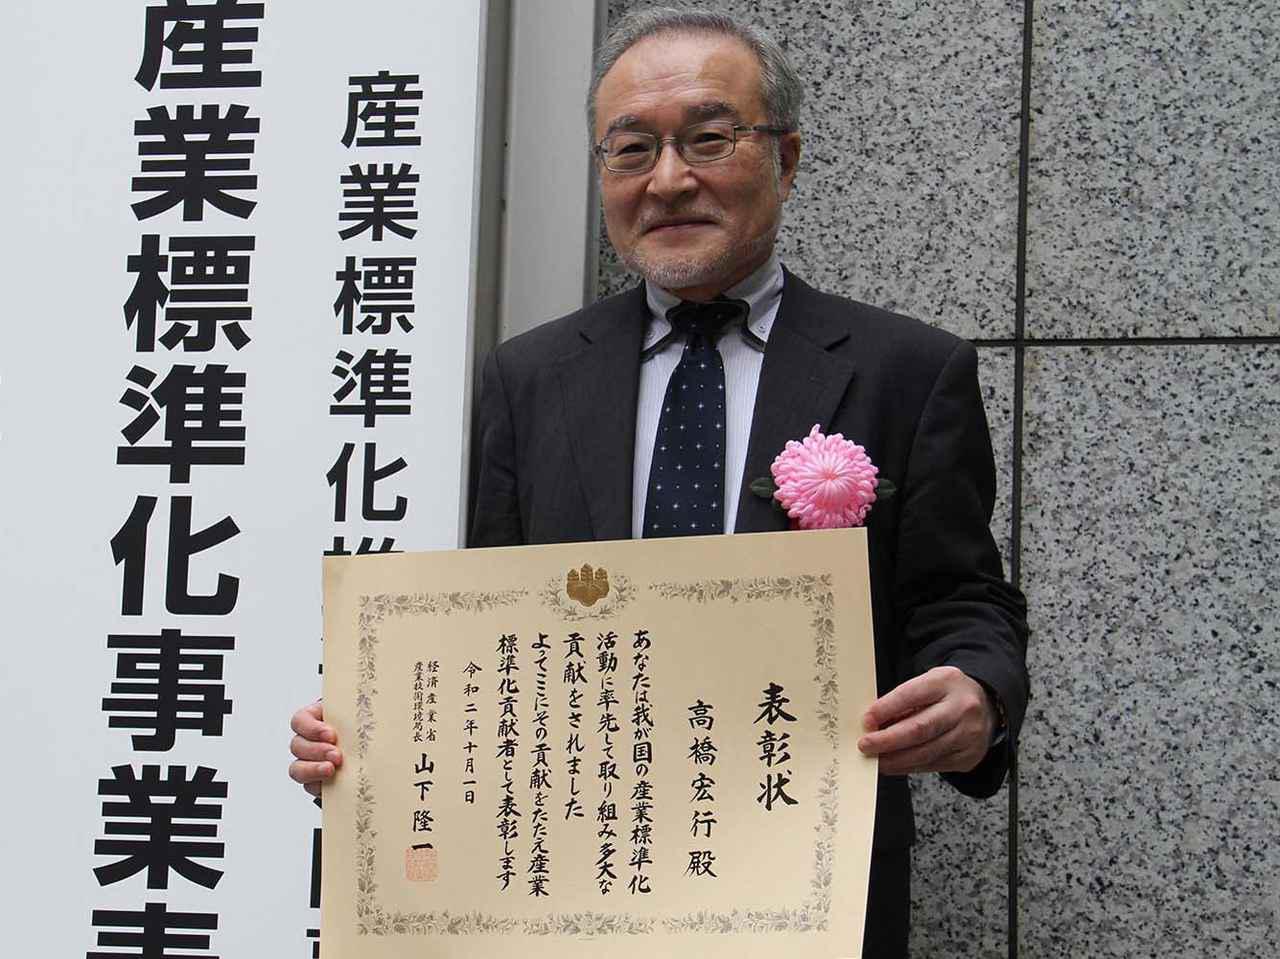 画像: 産業技術環境局長表彰を受賞したヤマハ発動機の高橋氏